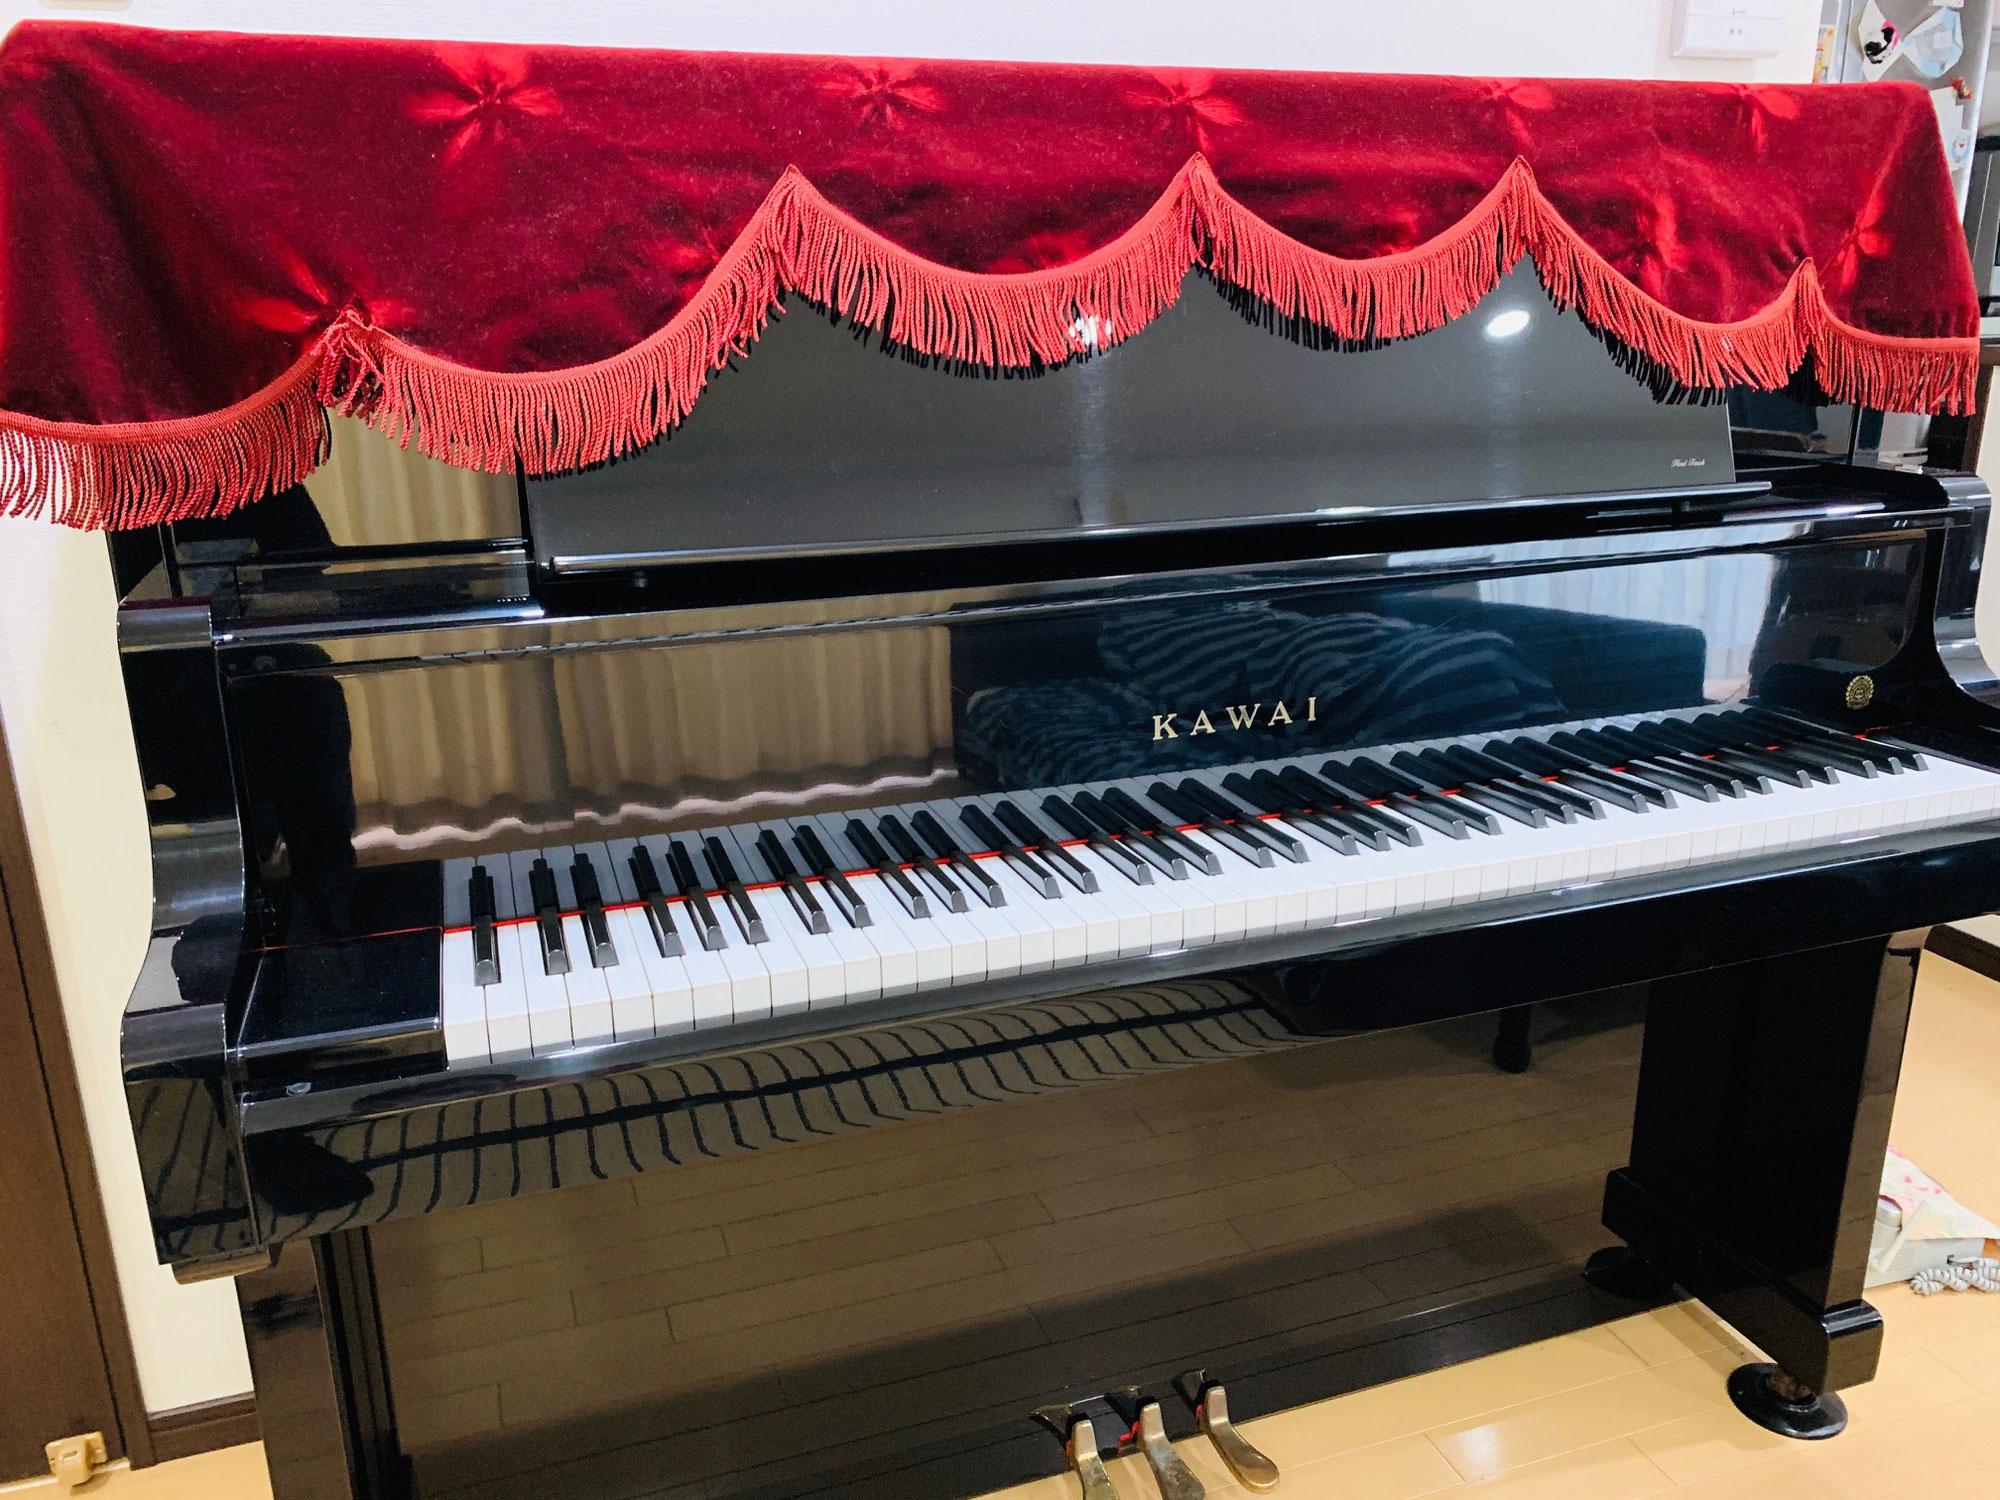 ピカピカで、別のピアノのようで、とてもうれしくなりました(修理/カイザー/35)